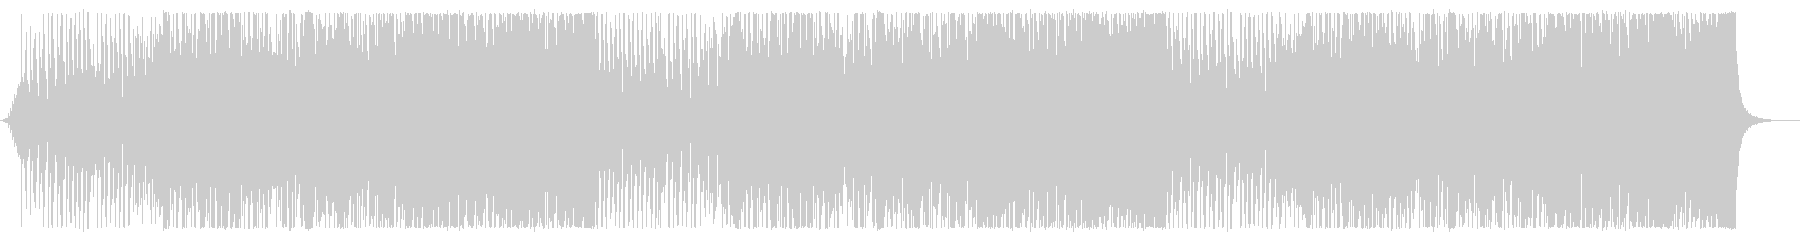 ディスコサウンドに乗ったテクノポップの未再生の波形